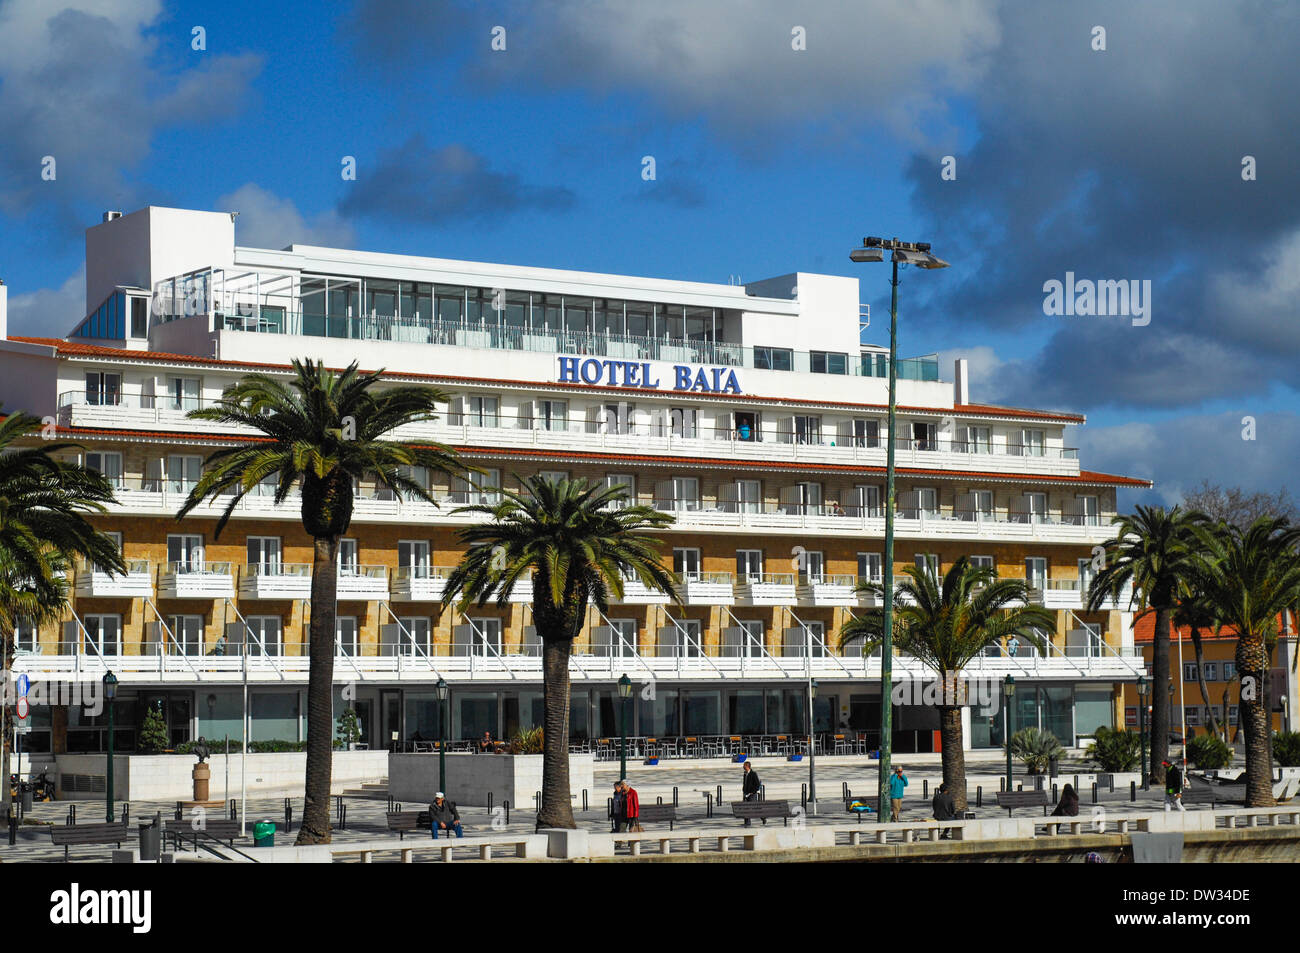 Hotel Baia Cascais : Hotel baia cascais portugal harbour stock photo: 67066874 alamy